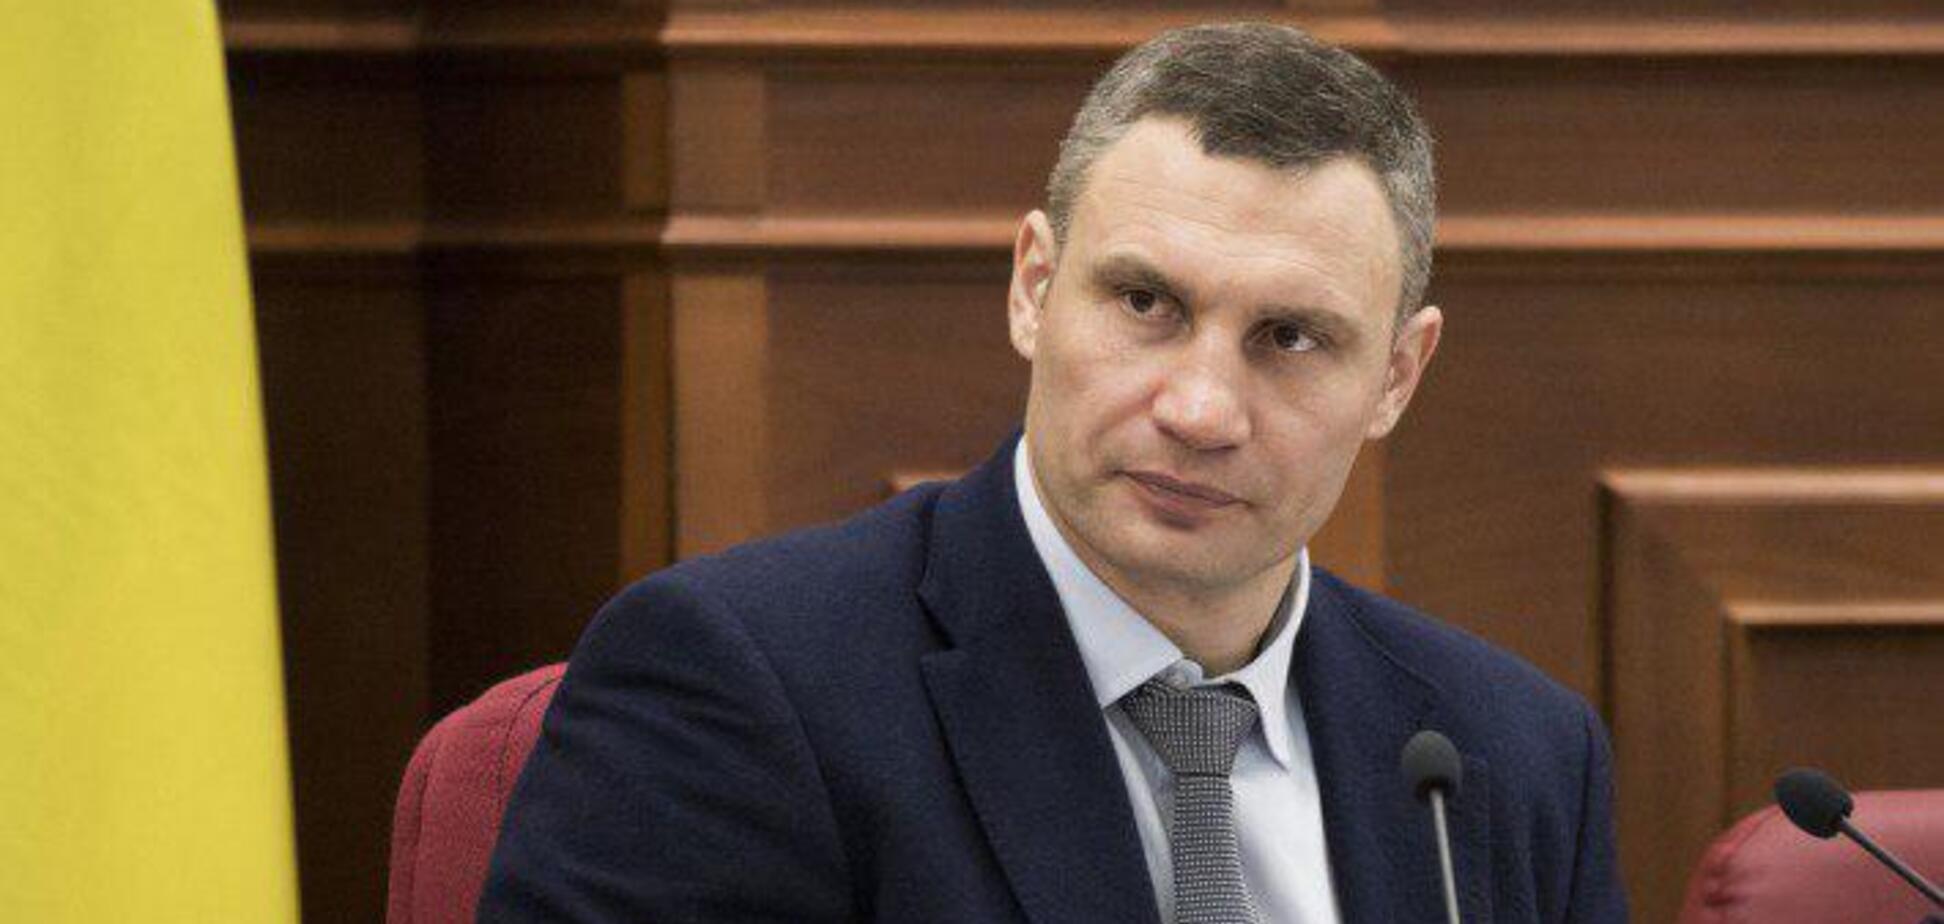 Кличко вважає, що дуалізм влади може заблокувати розвиток Києва